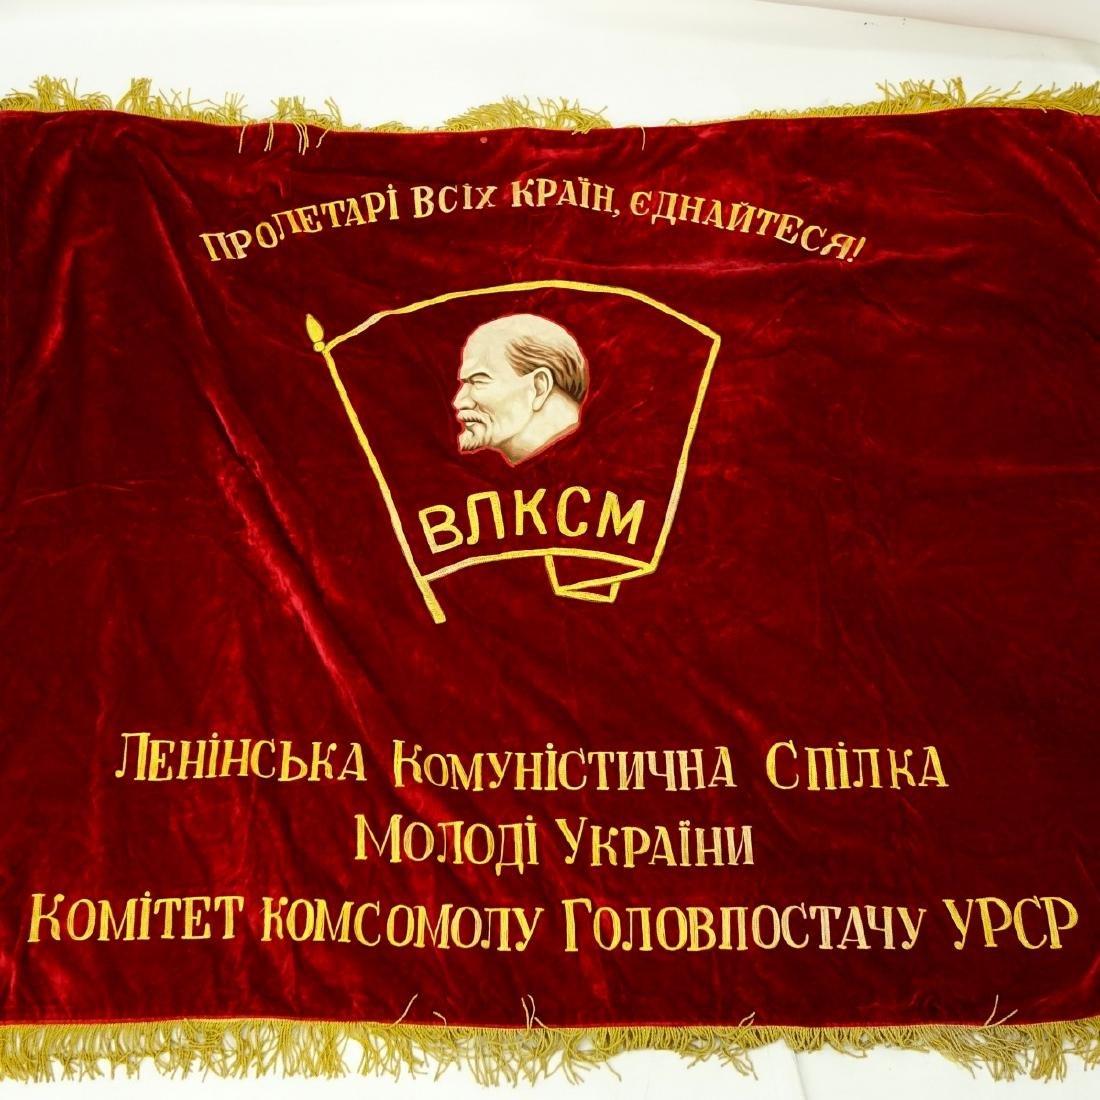 20th Century Russian Soviet Era Lenin-vlksm - 2